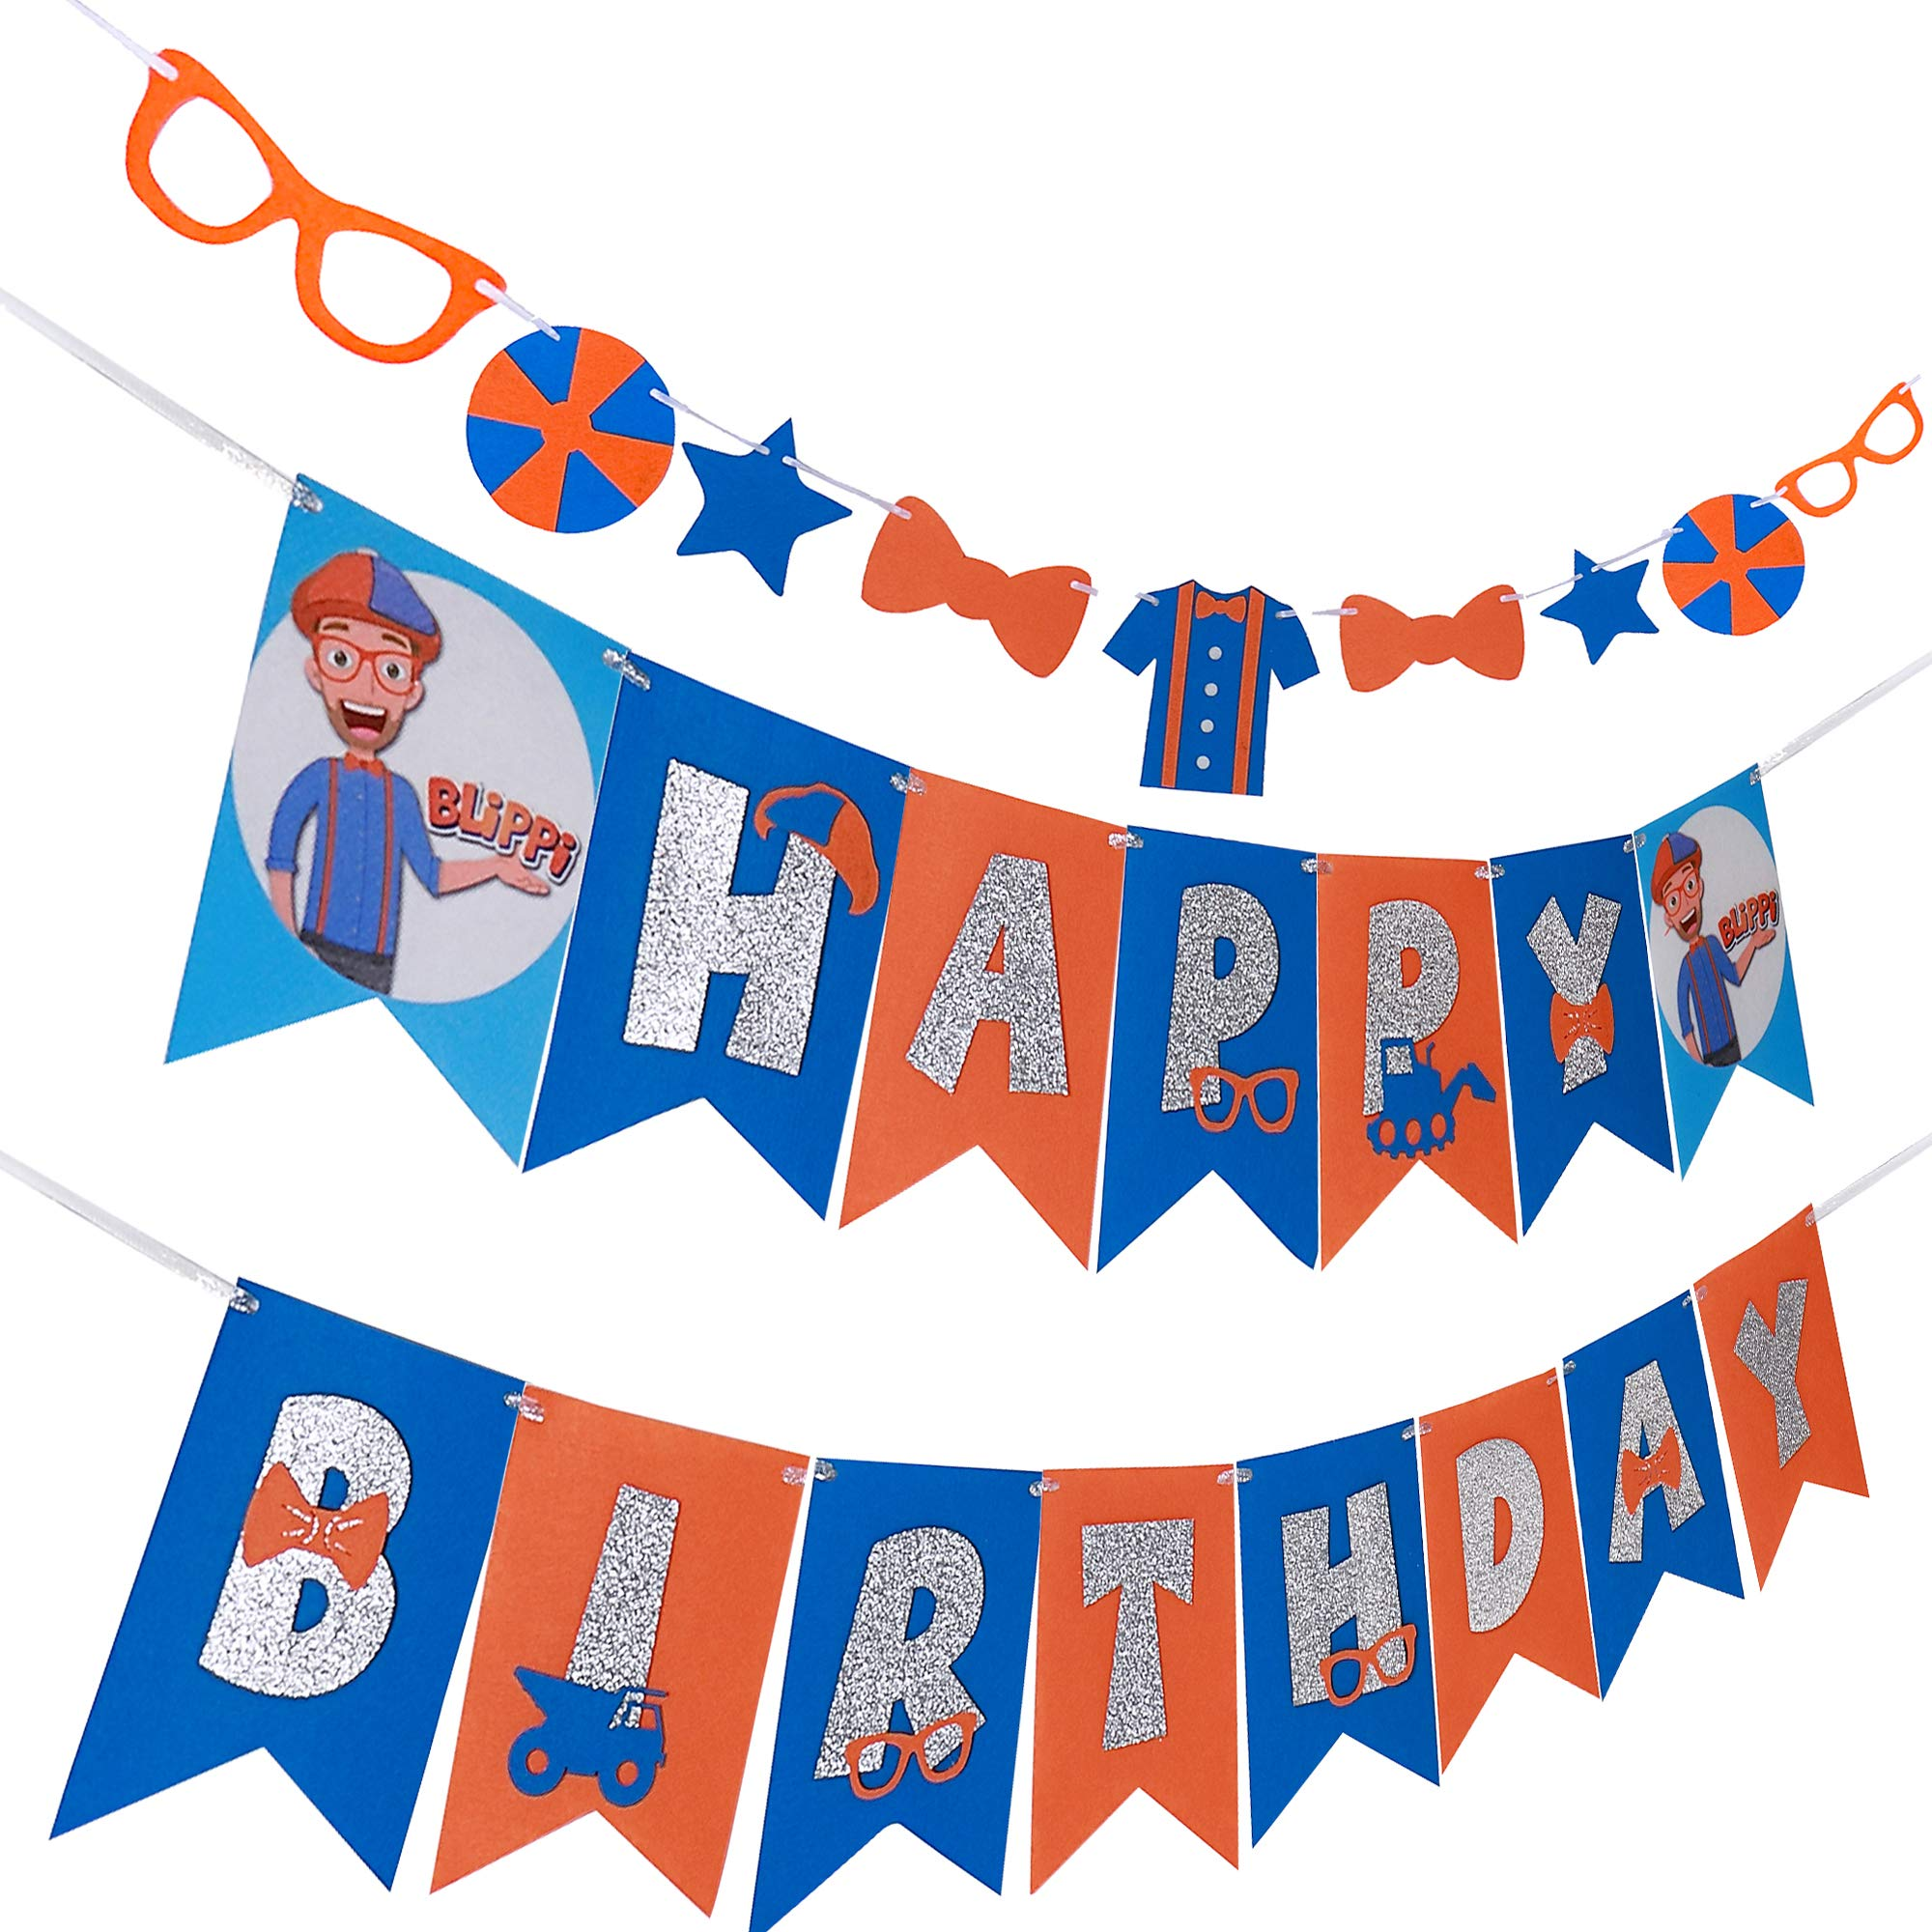 Blippi Happy Birthday Banner Garland Blippi Birthday Party Supplies Decorations for Boys Kids 2nd, 3rd, 4th, 5th Blippi Birthday Theme Party Set of 2 Felt Blippi Birthday Banner